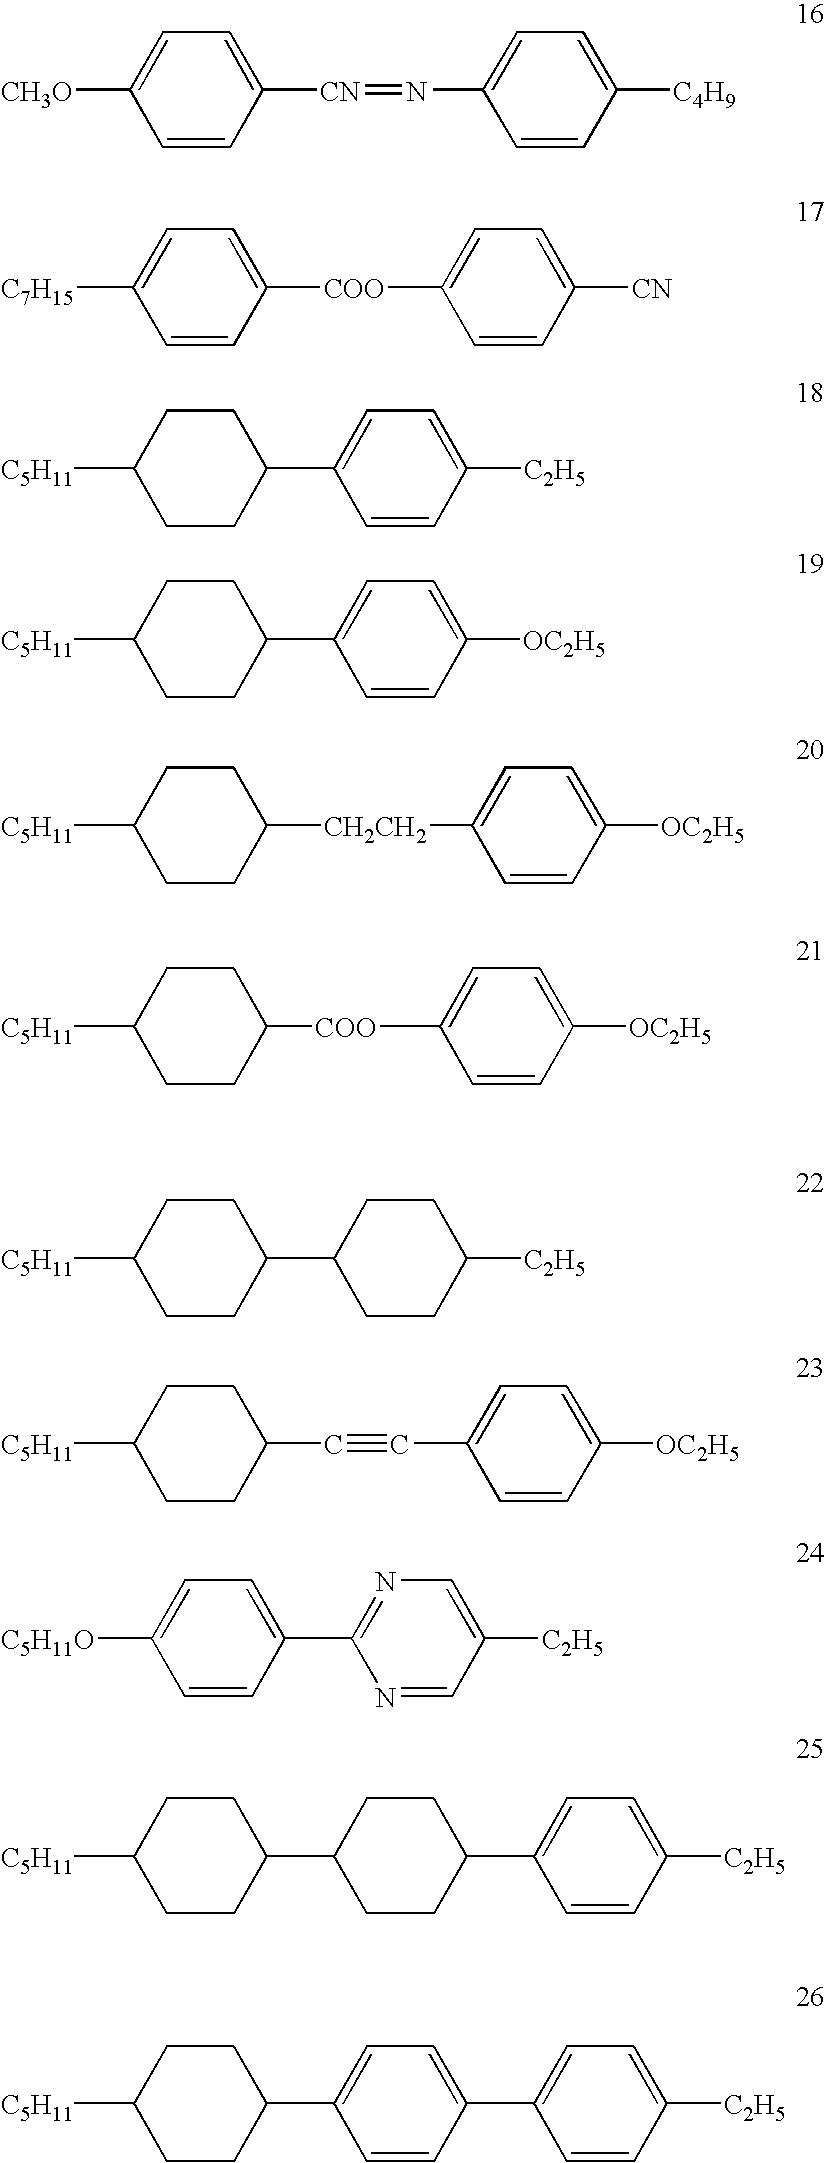 Figure US20040080693A1-20040429-C00002